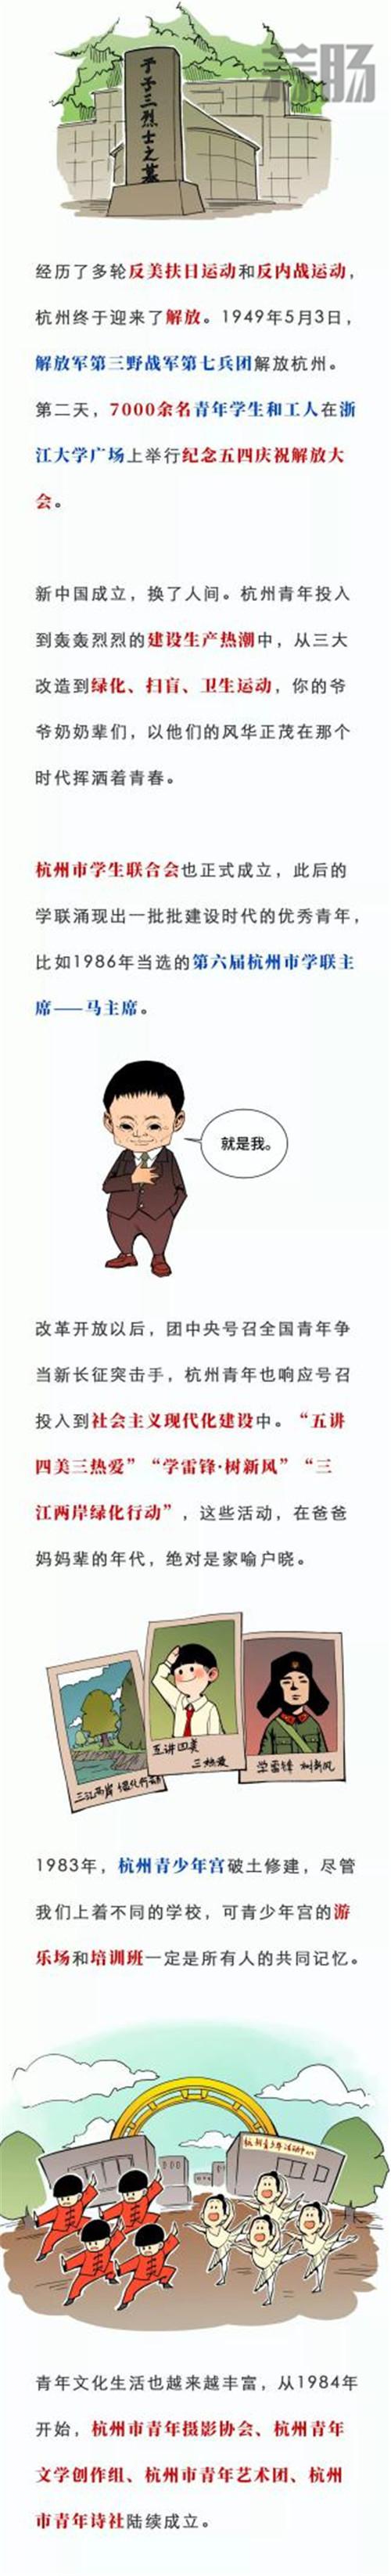 一张漫画看百年前的杭州青年 漫展 第3张